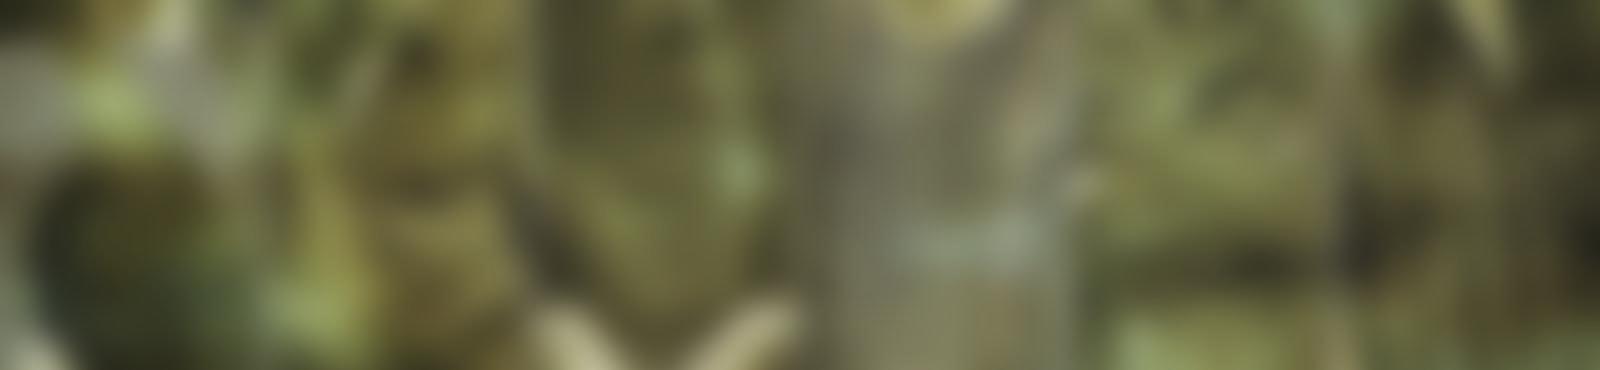 Blurred 8a2404c4 471b 4e5d a9c4 3507893a46eb